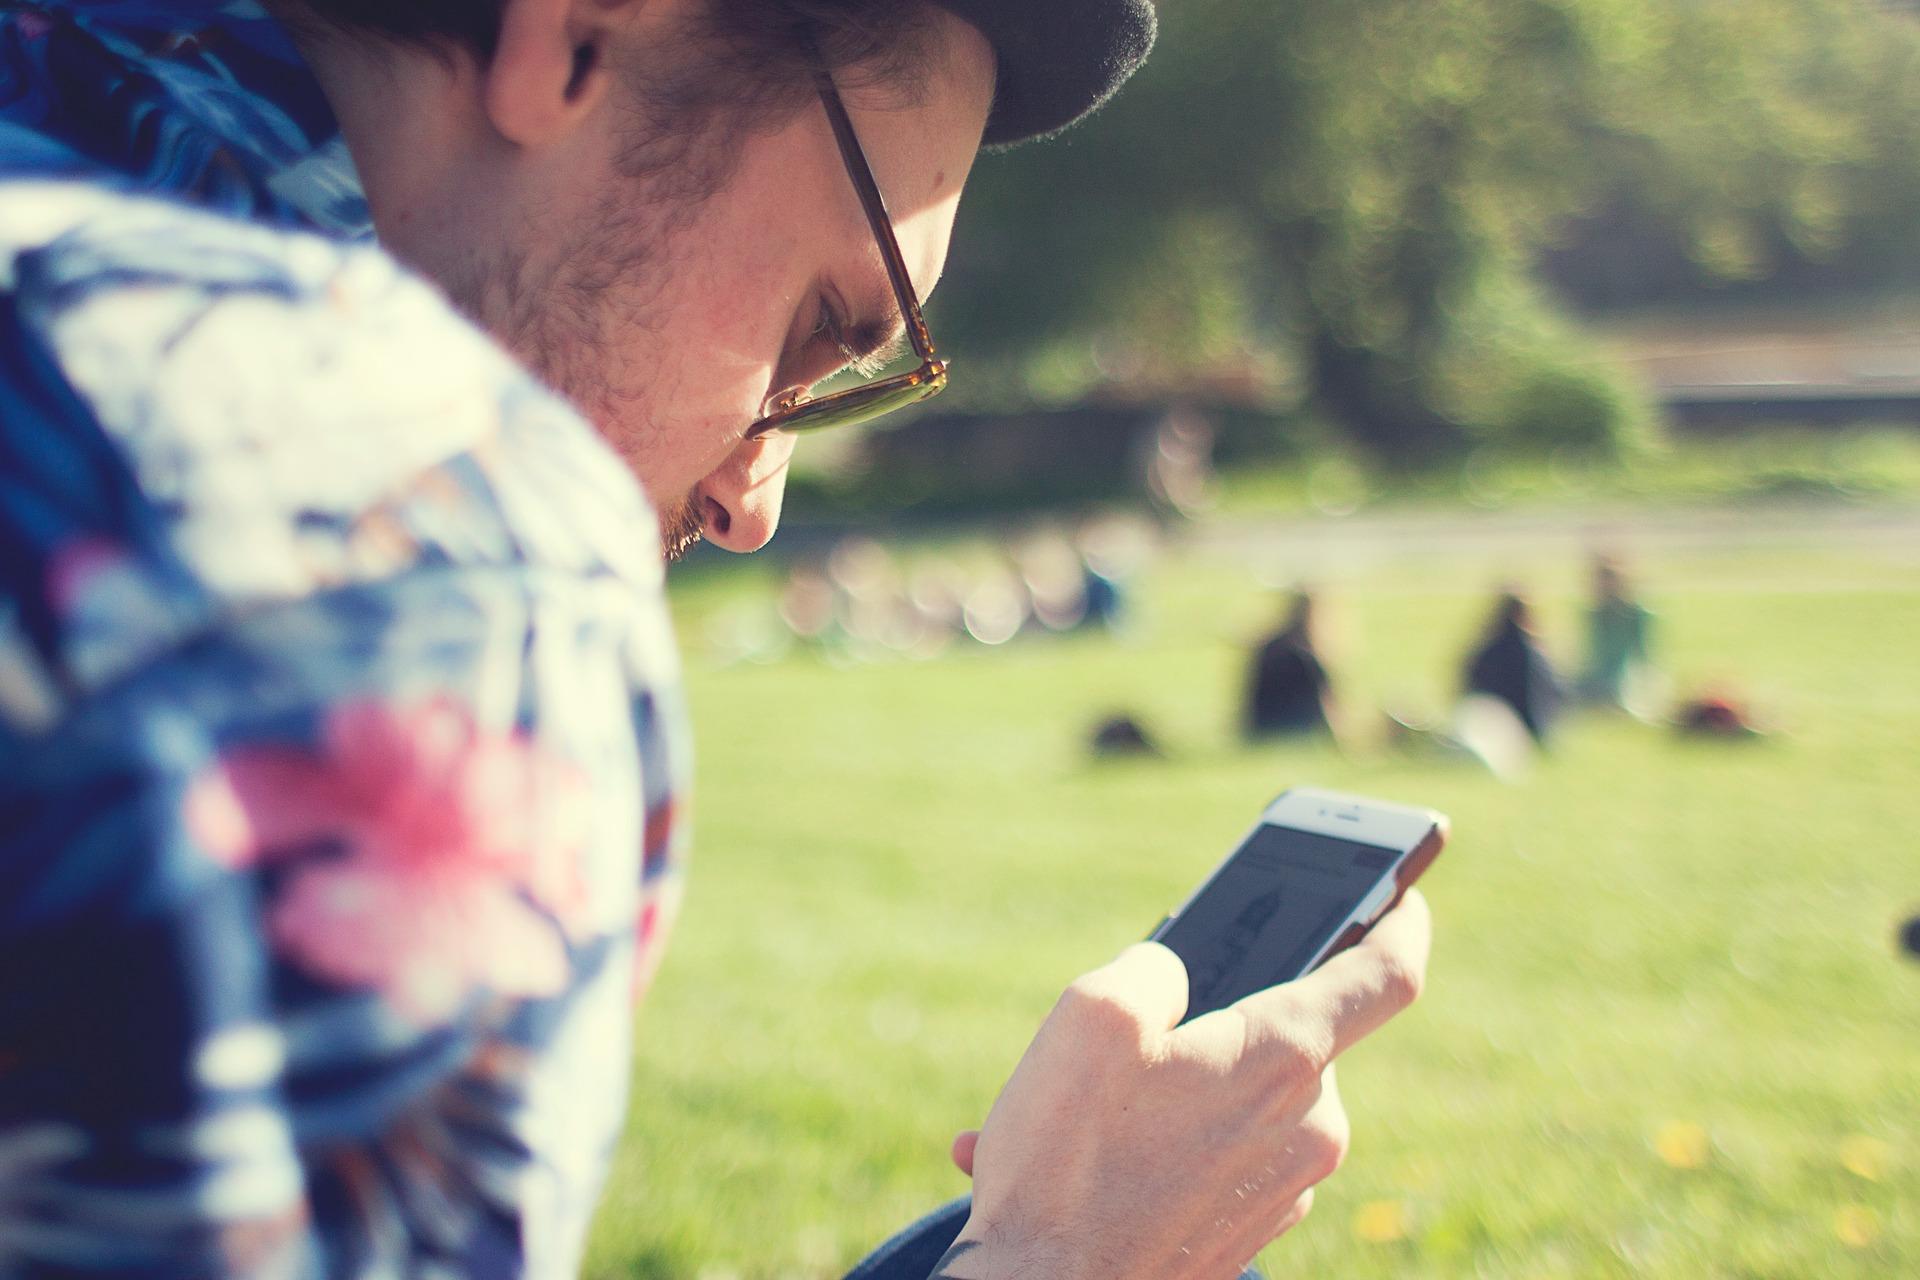 Dans le numérique, les smartphones représentent à eux seuls 80% des émissions de gaz à effets de serre en France